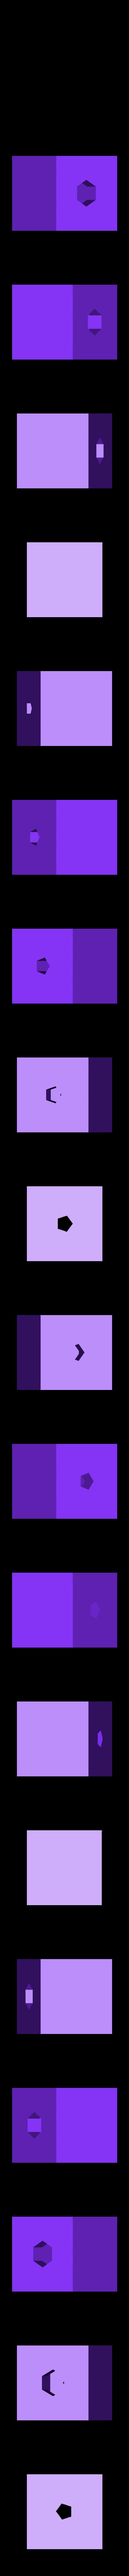 endcube.stl Télécharger fichier STL gratuit Cube de serpent (paramétrique) • Modèle pour imprimante 3D, gabutoillegna56